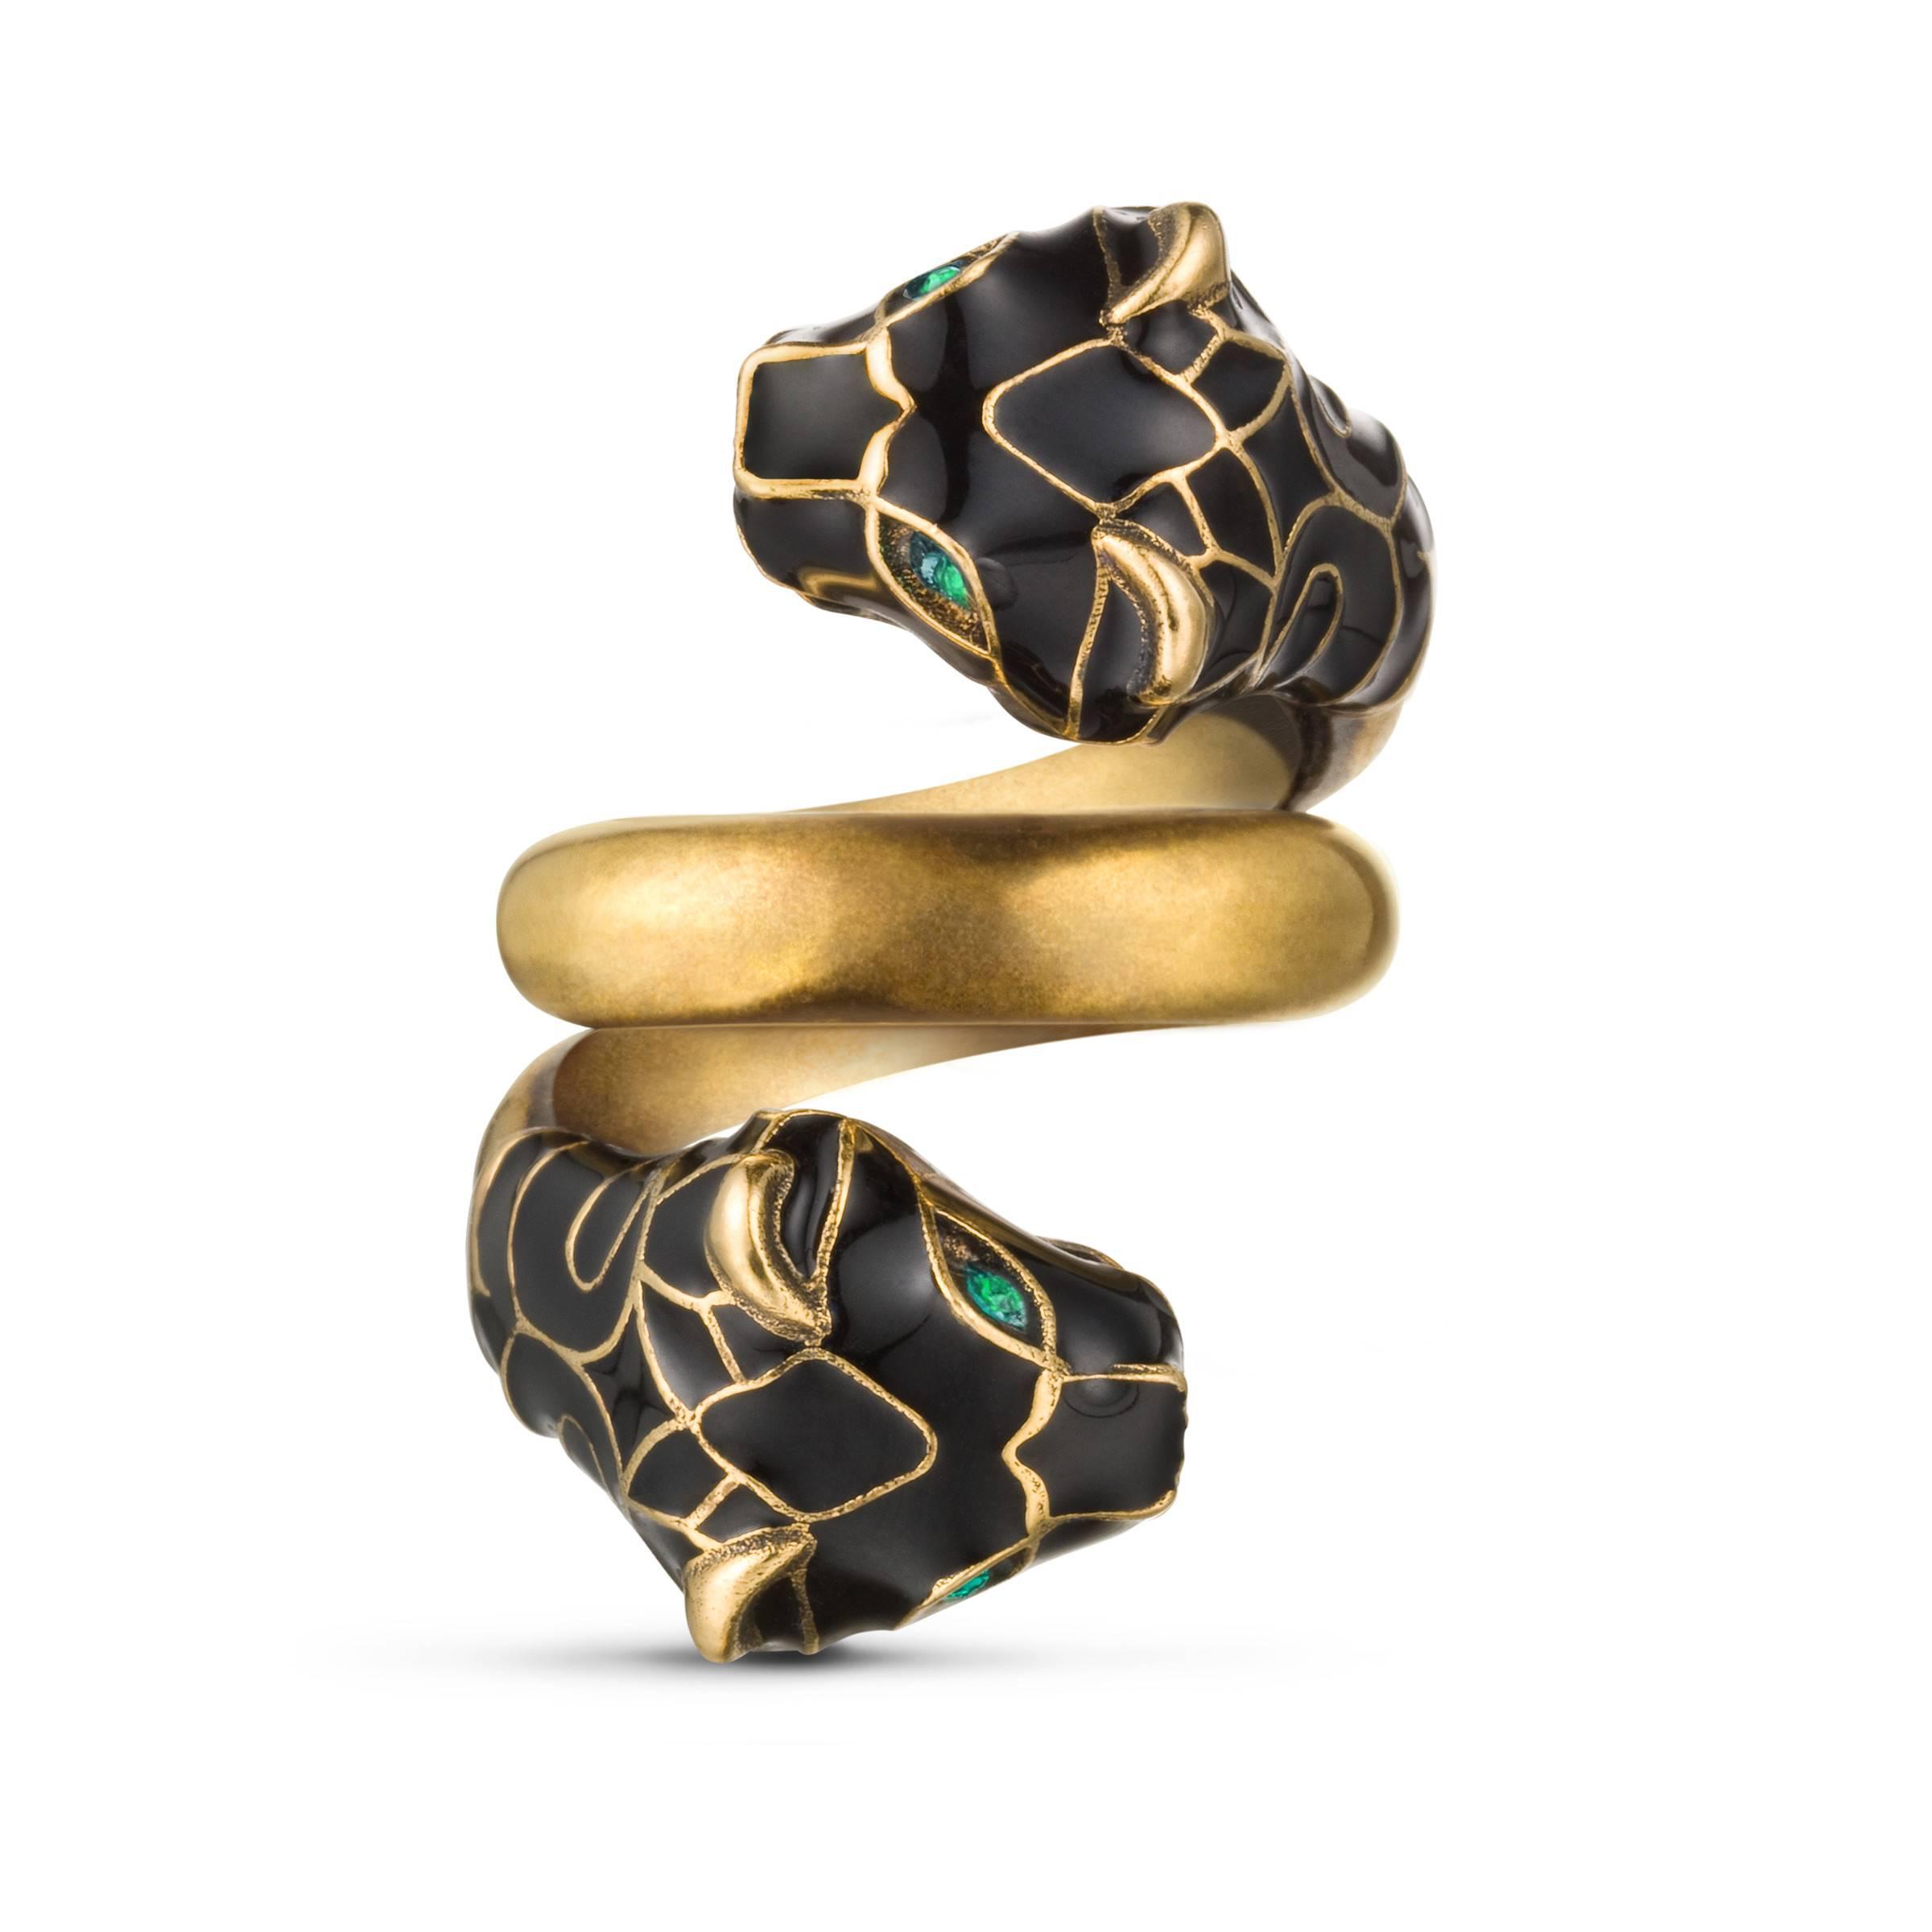 7d36b918a0 Lyst - Gucci Ring mit Tigerkopf mit schwarzem Email in Schwarz ...